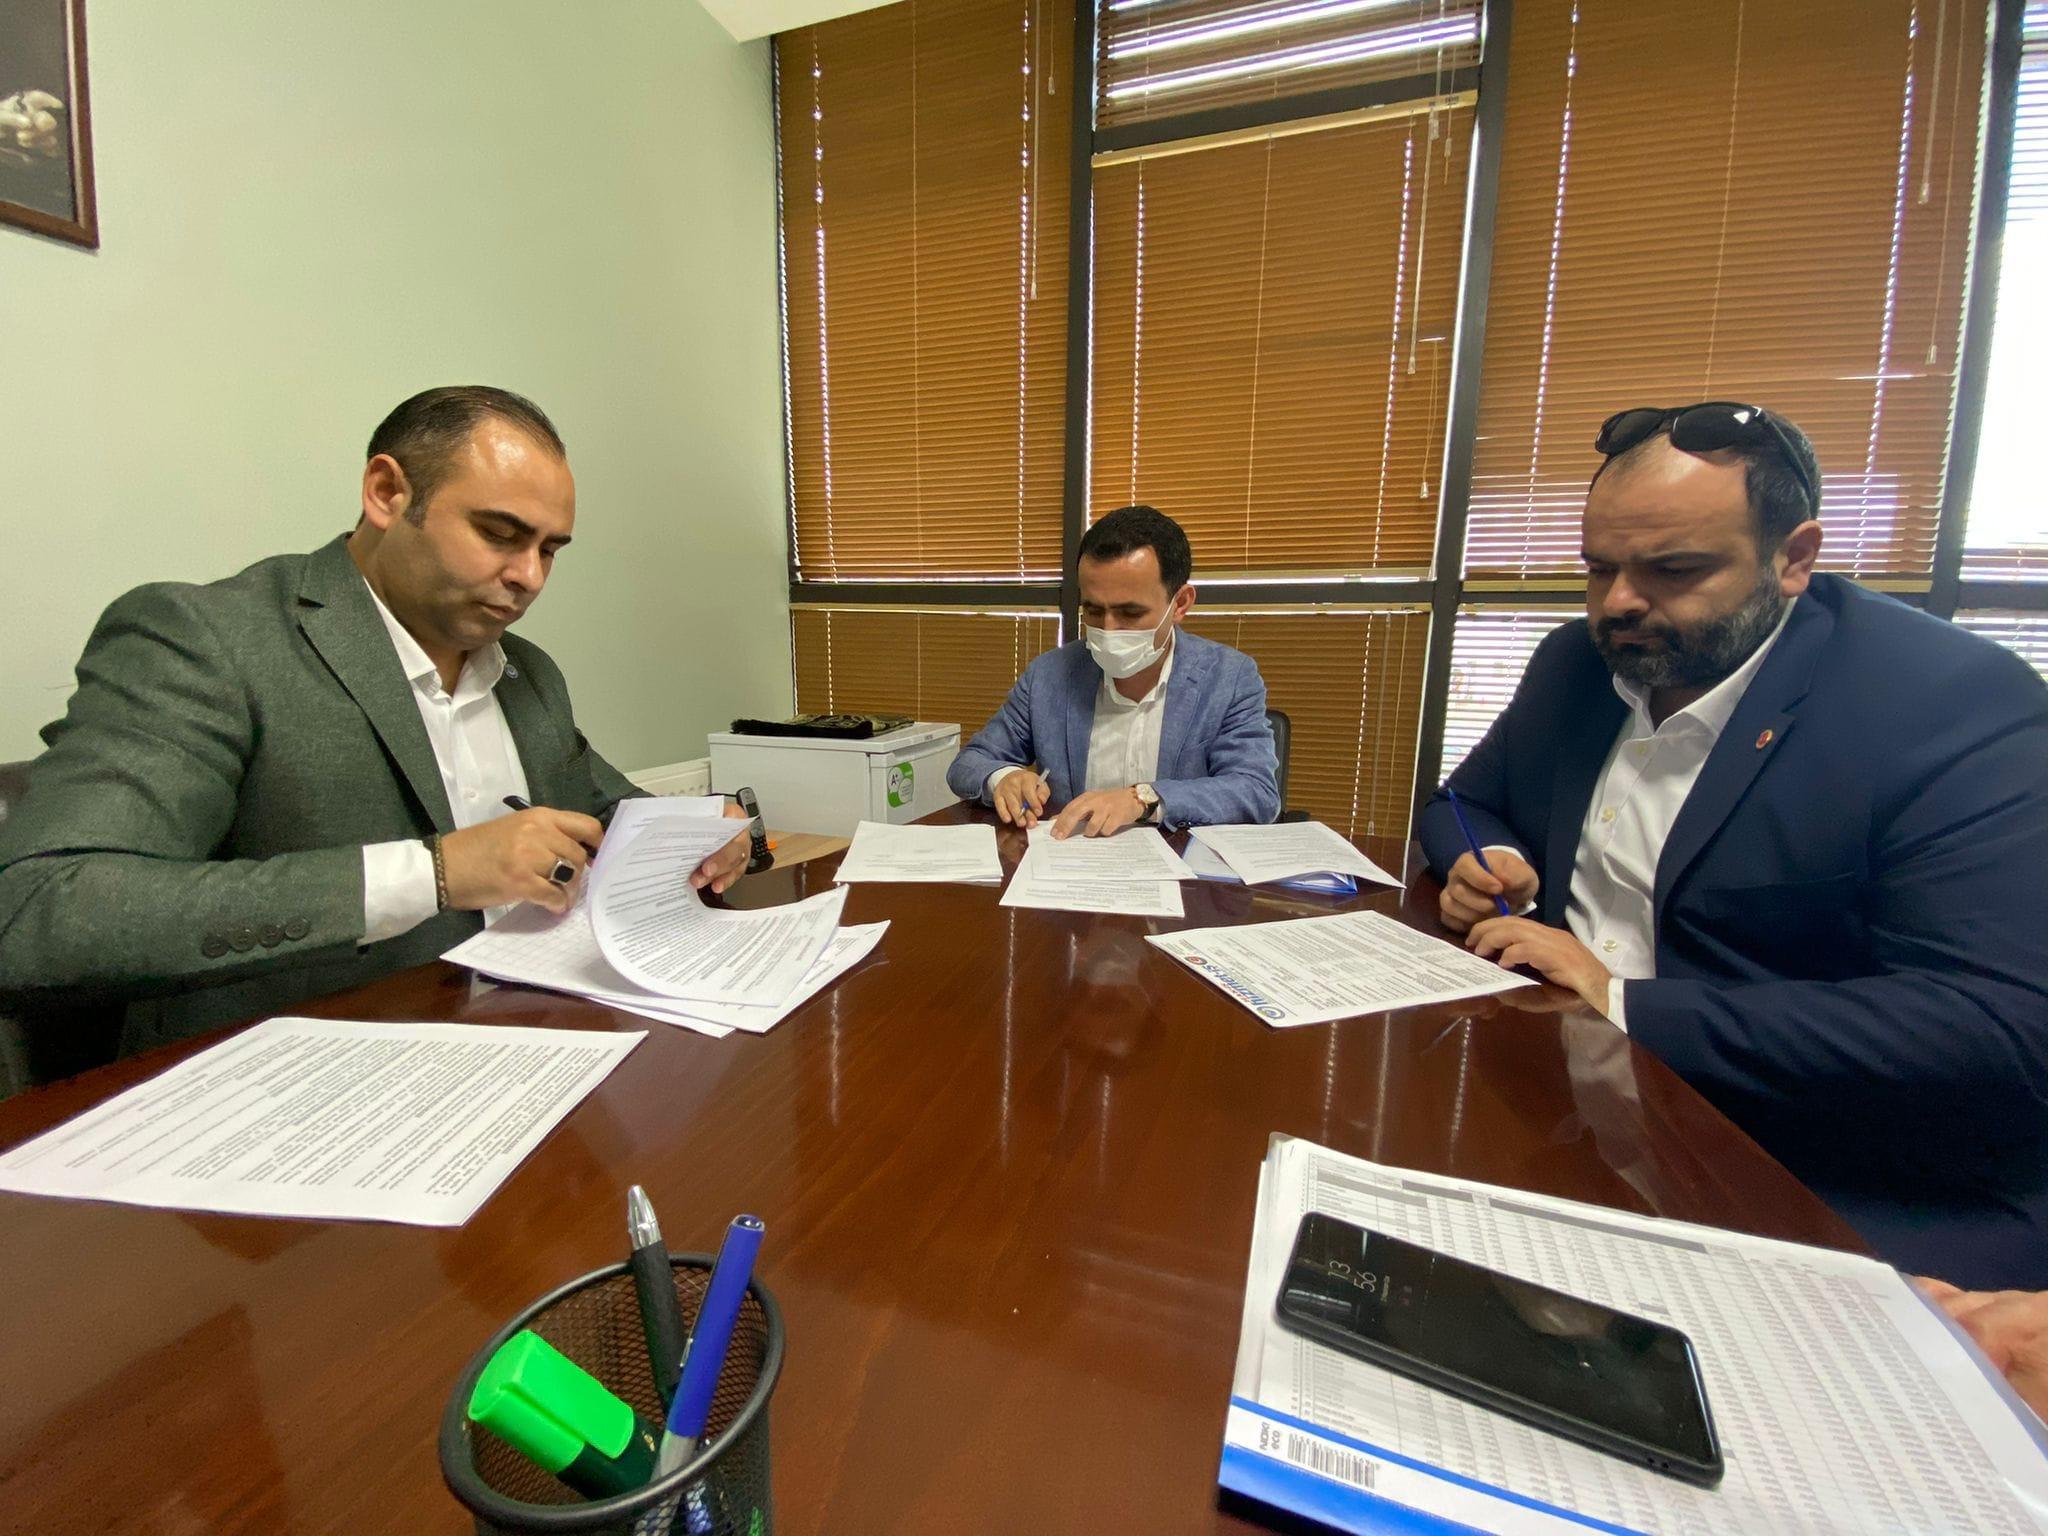 İzmir Bergama'da toplu iş sözleşmesi sevinci